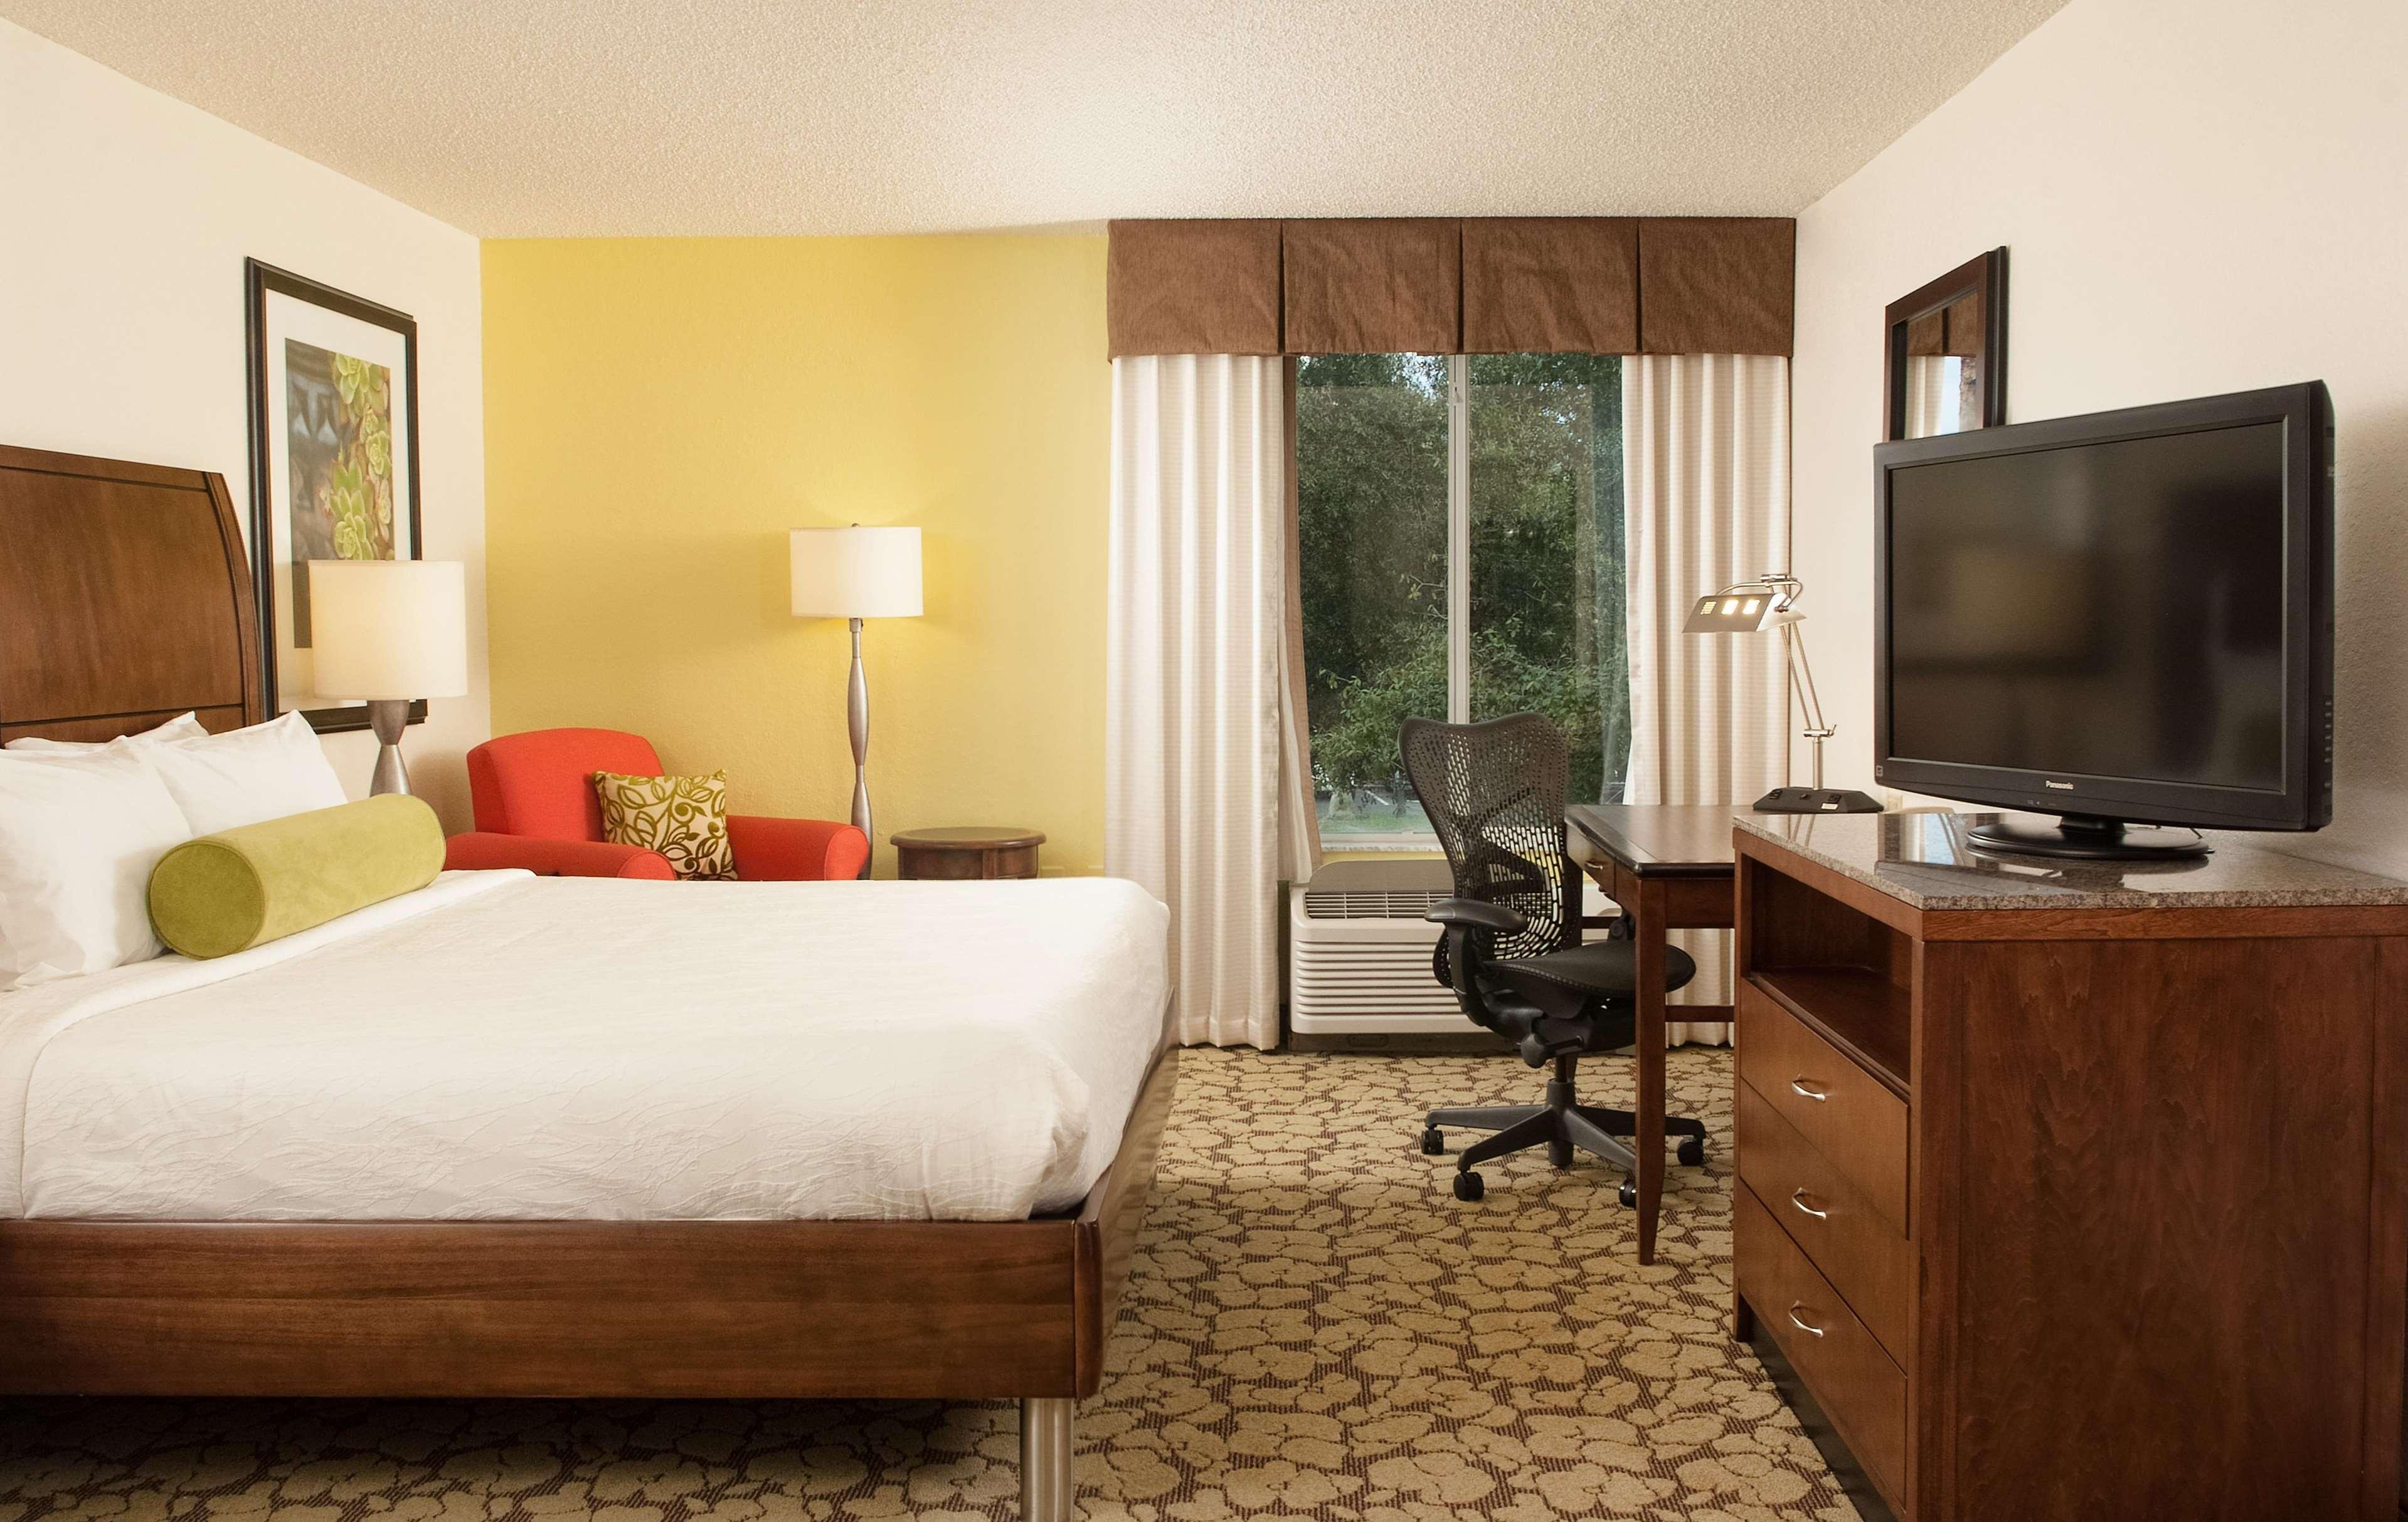 Hilton Garden Inn Orlando Airport In Orlando Fl 32822